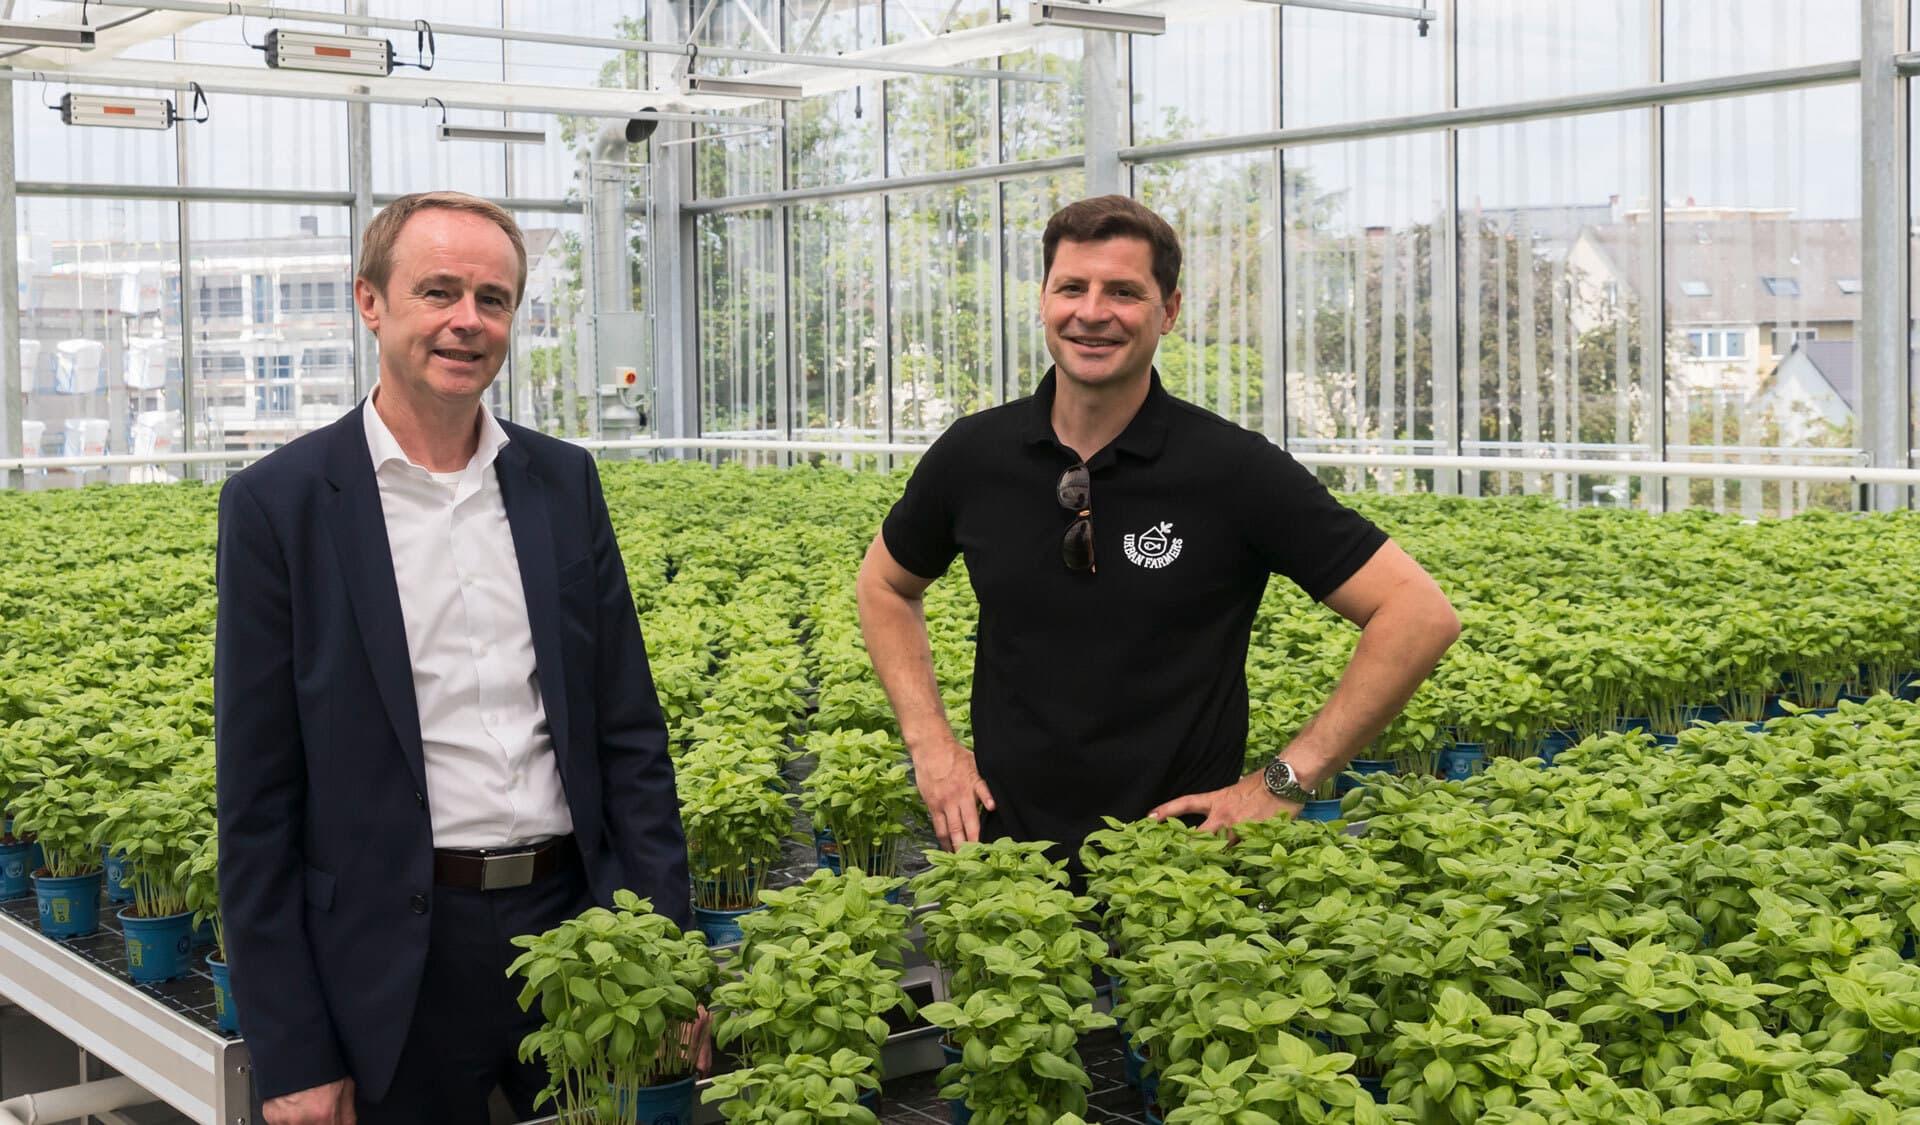 """Rewe Green Farming-Markt; Jürgen Scheider, Geschäftsführer von Rewe Region Mitte (li.) und Nicolas Leschke Co-Gründer und Co-Chef des Berliner Start-ups """"Ecofriendly Farmsystems"""""""